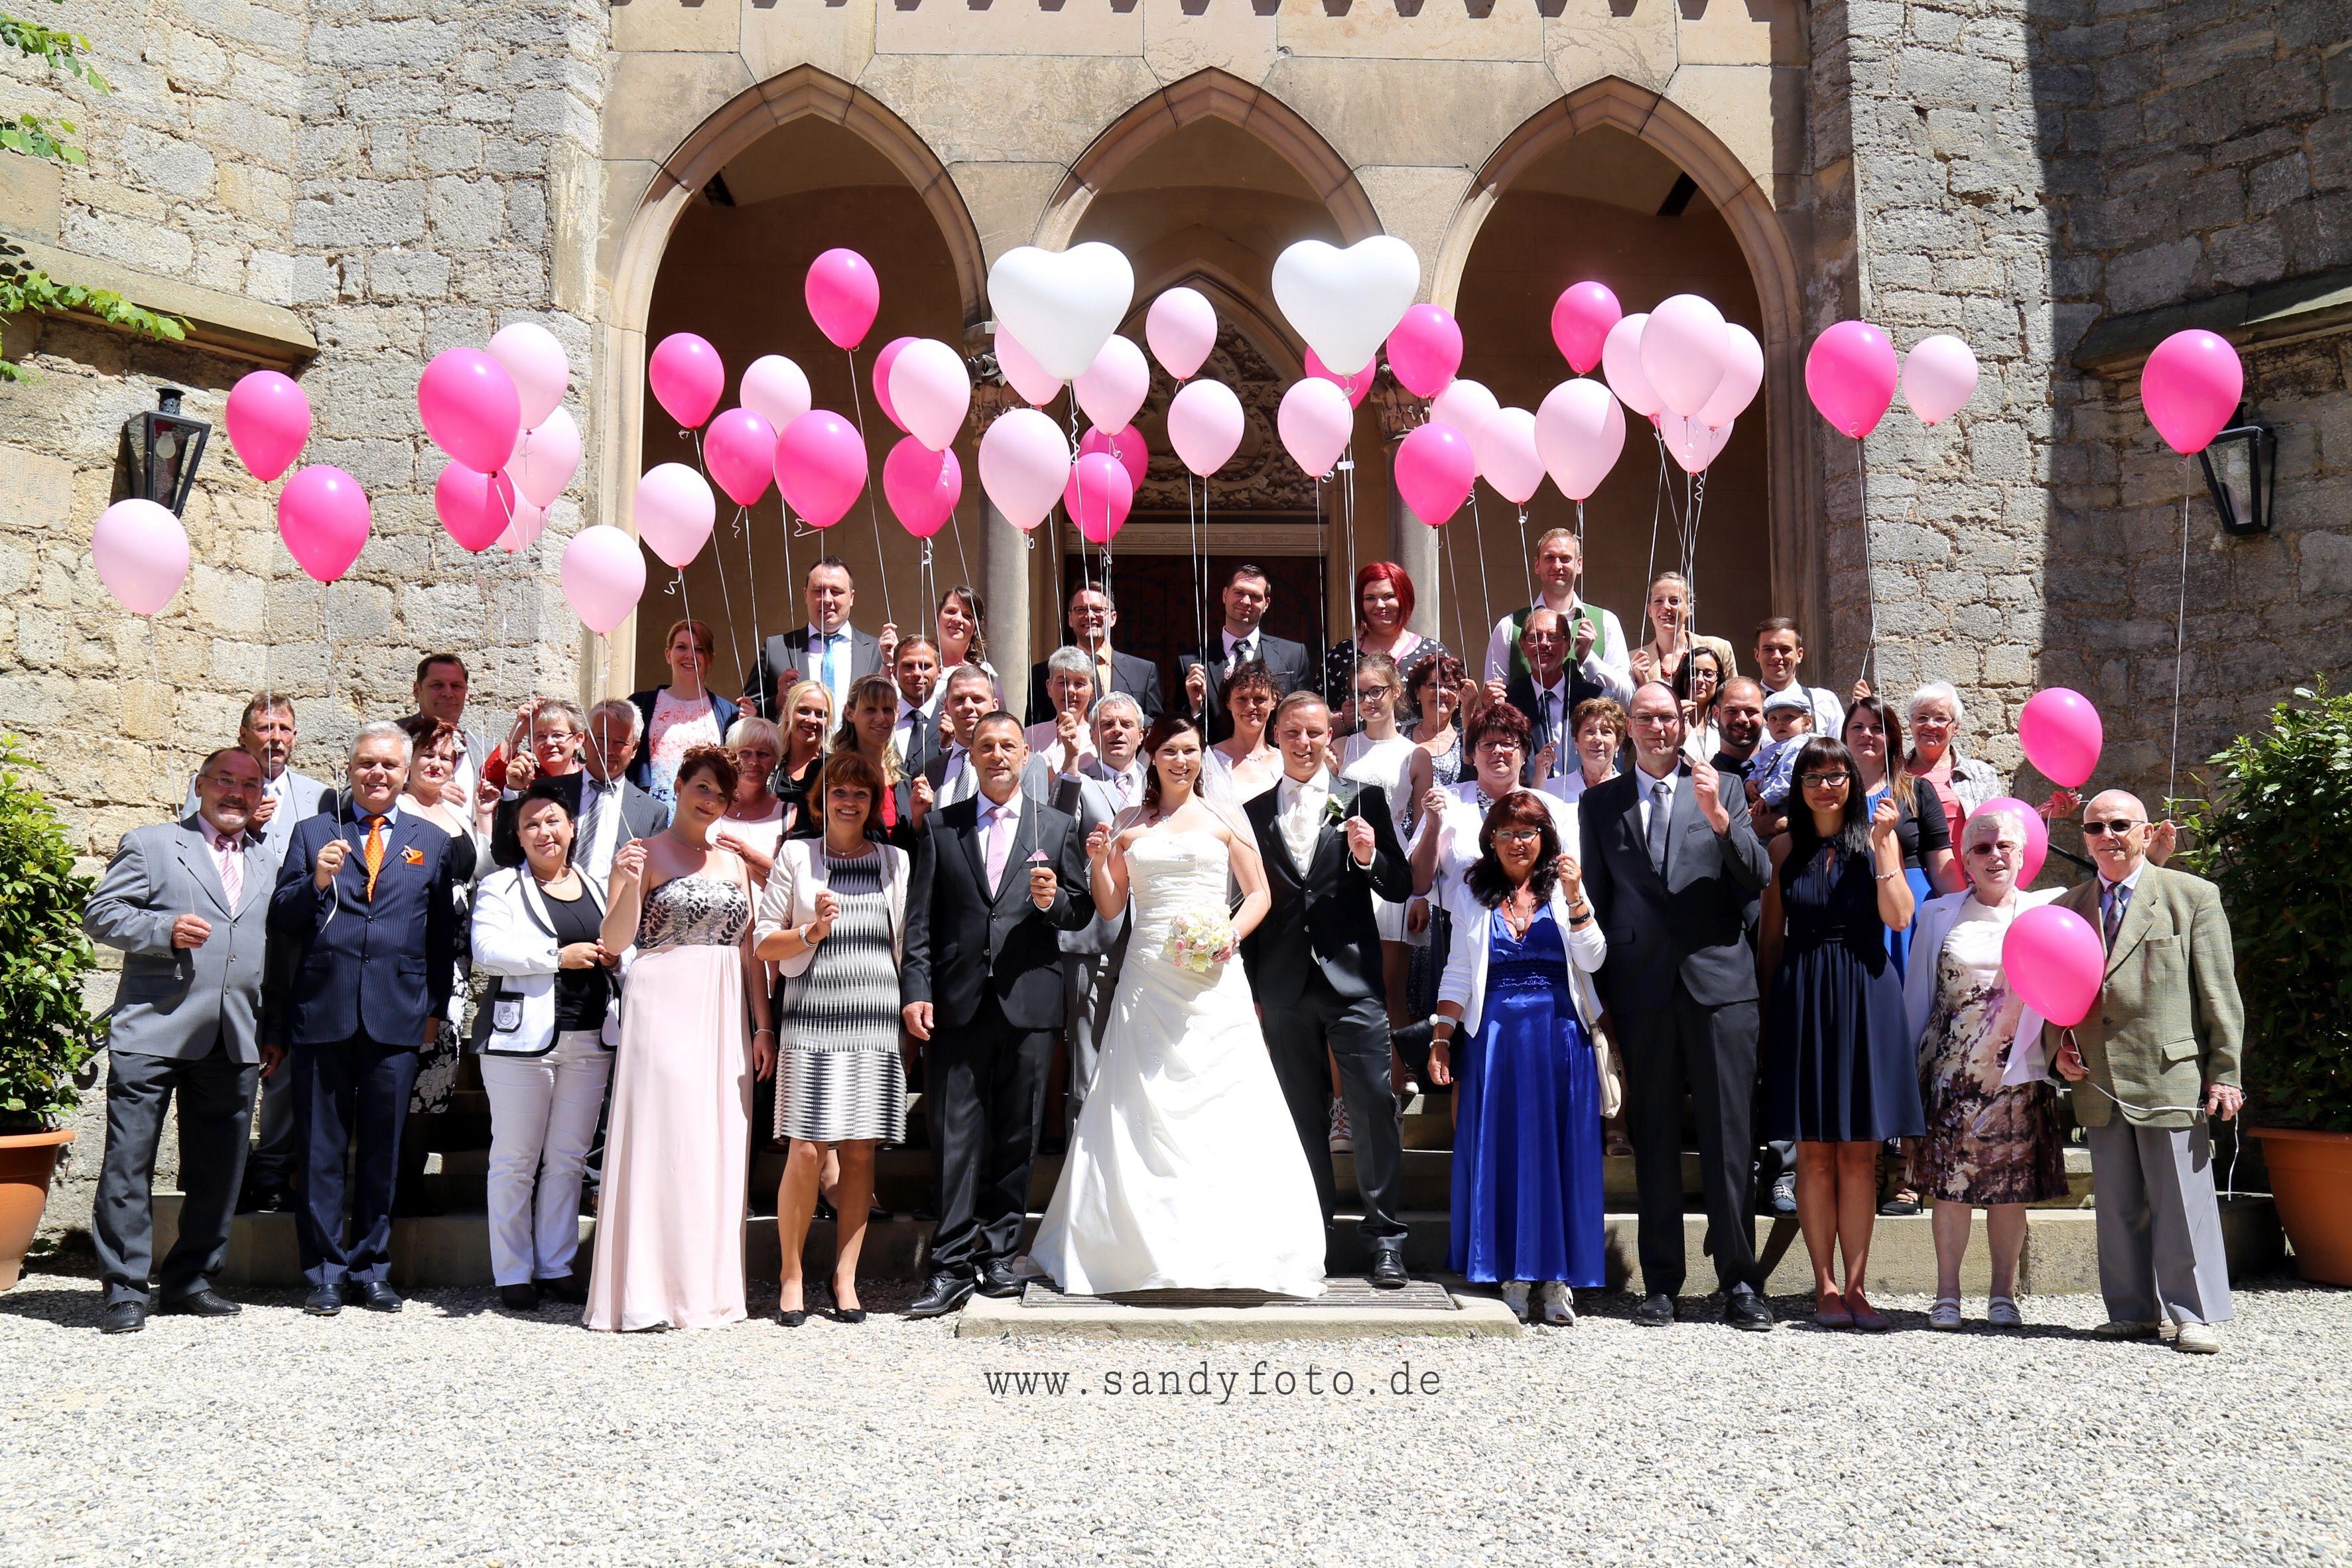 Ballons fliegen lassen - romantische Ballonflugaktion vor der zauberhaften Marienburg / Hannover